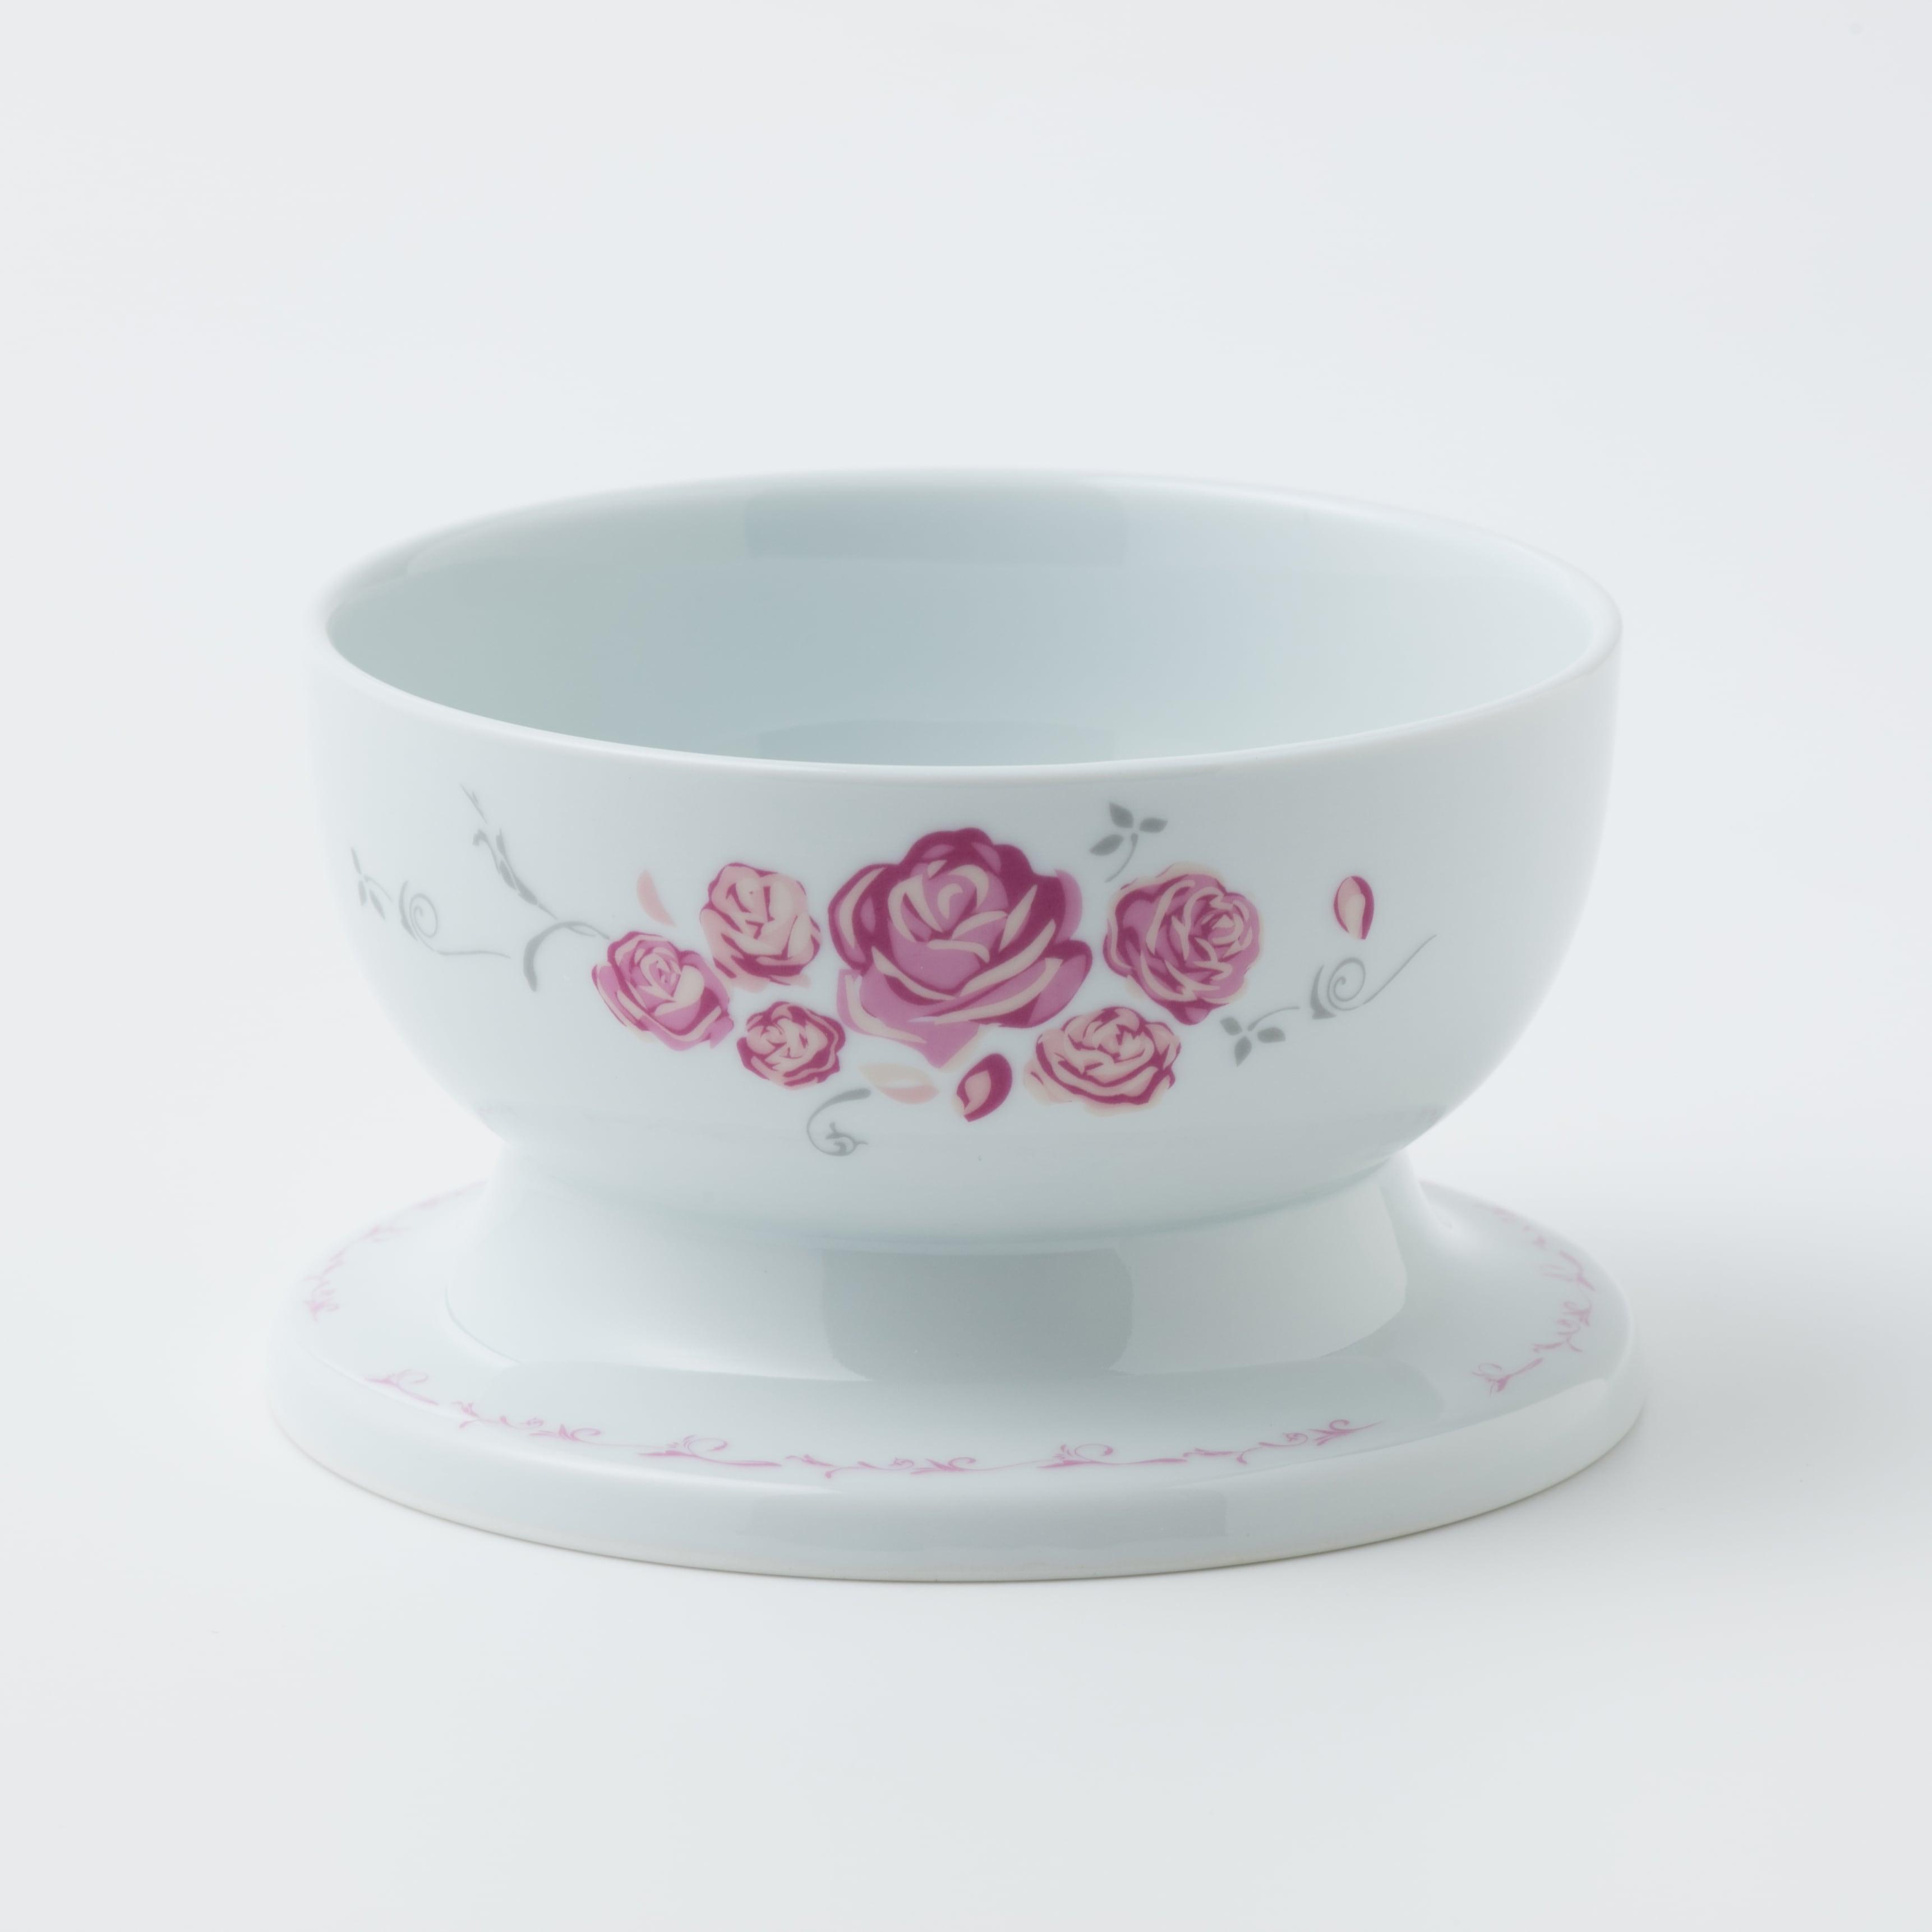 有田焼【ローズ】 ロータイプ(水用) ピンク 製造:江口製陶所